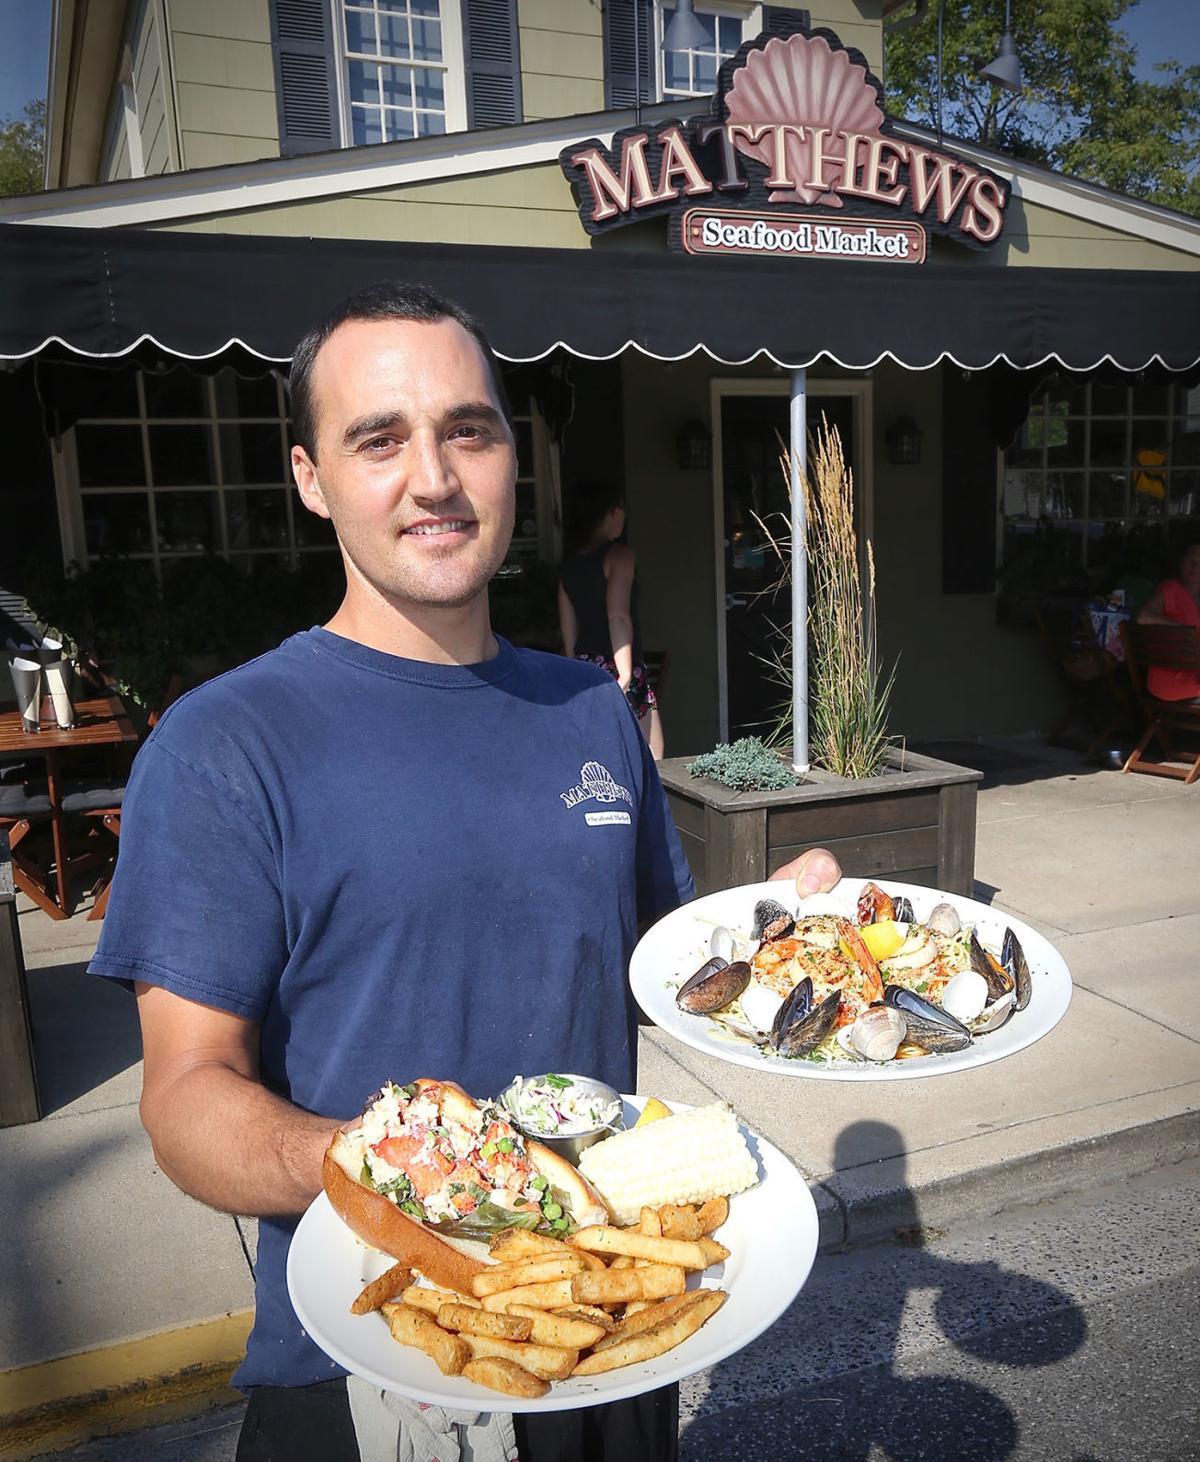 ATS Matthews Seafood